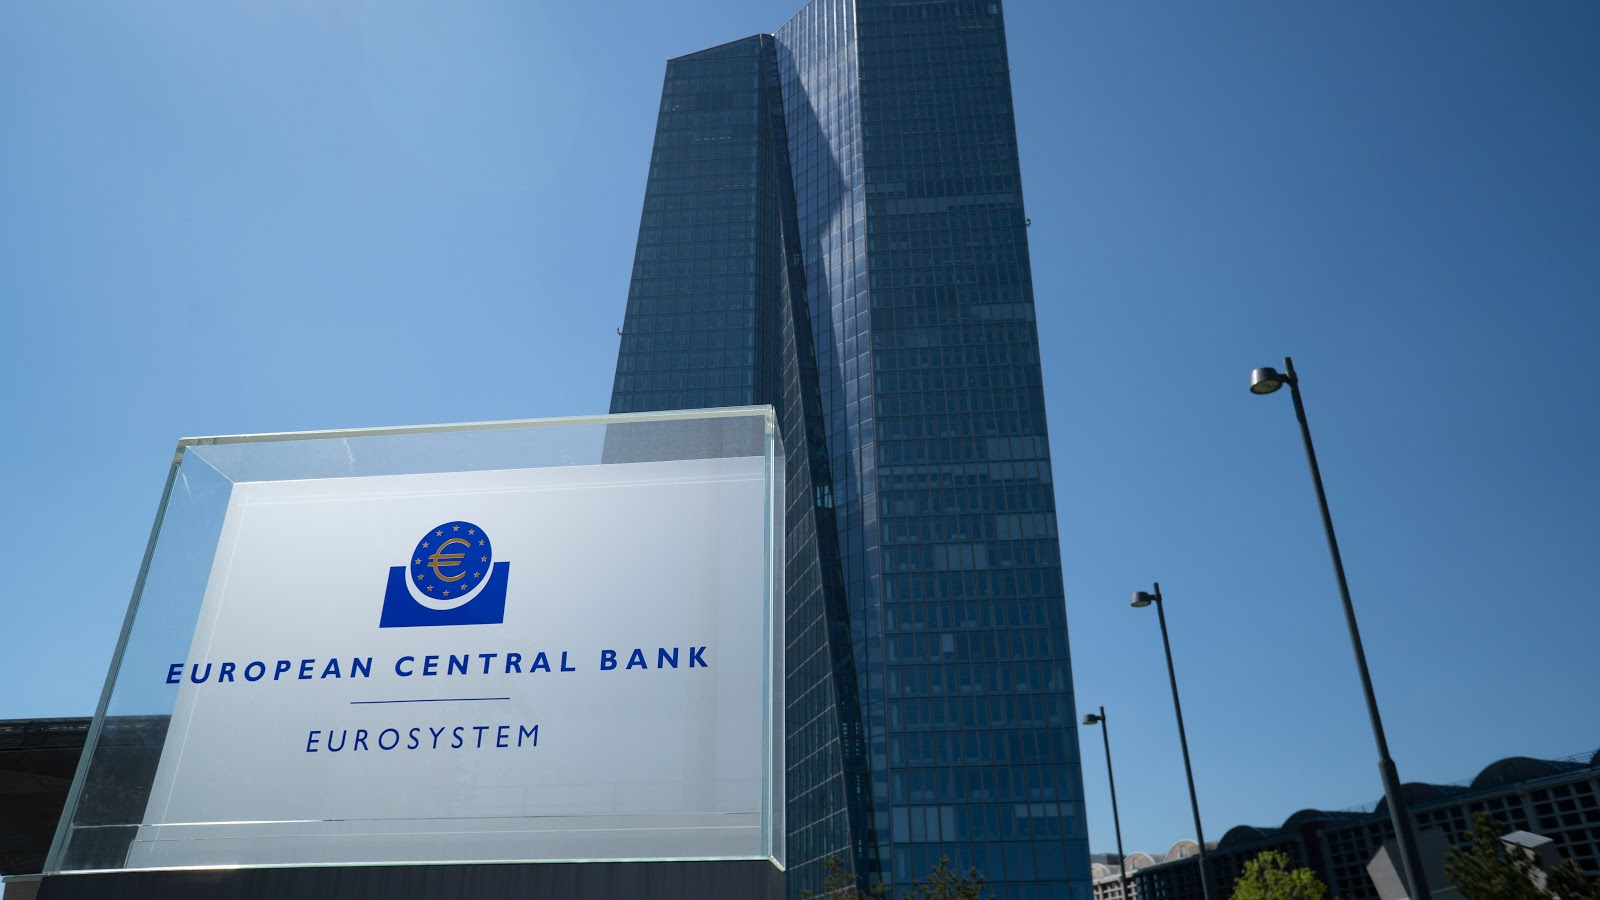 Sede del Banco Central Europeo, en Fráncfort del Meno, Alemania